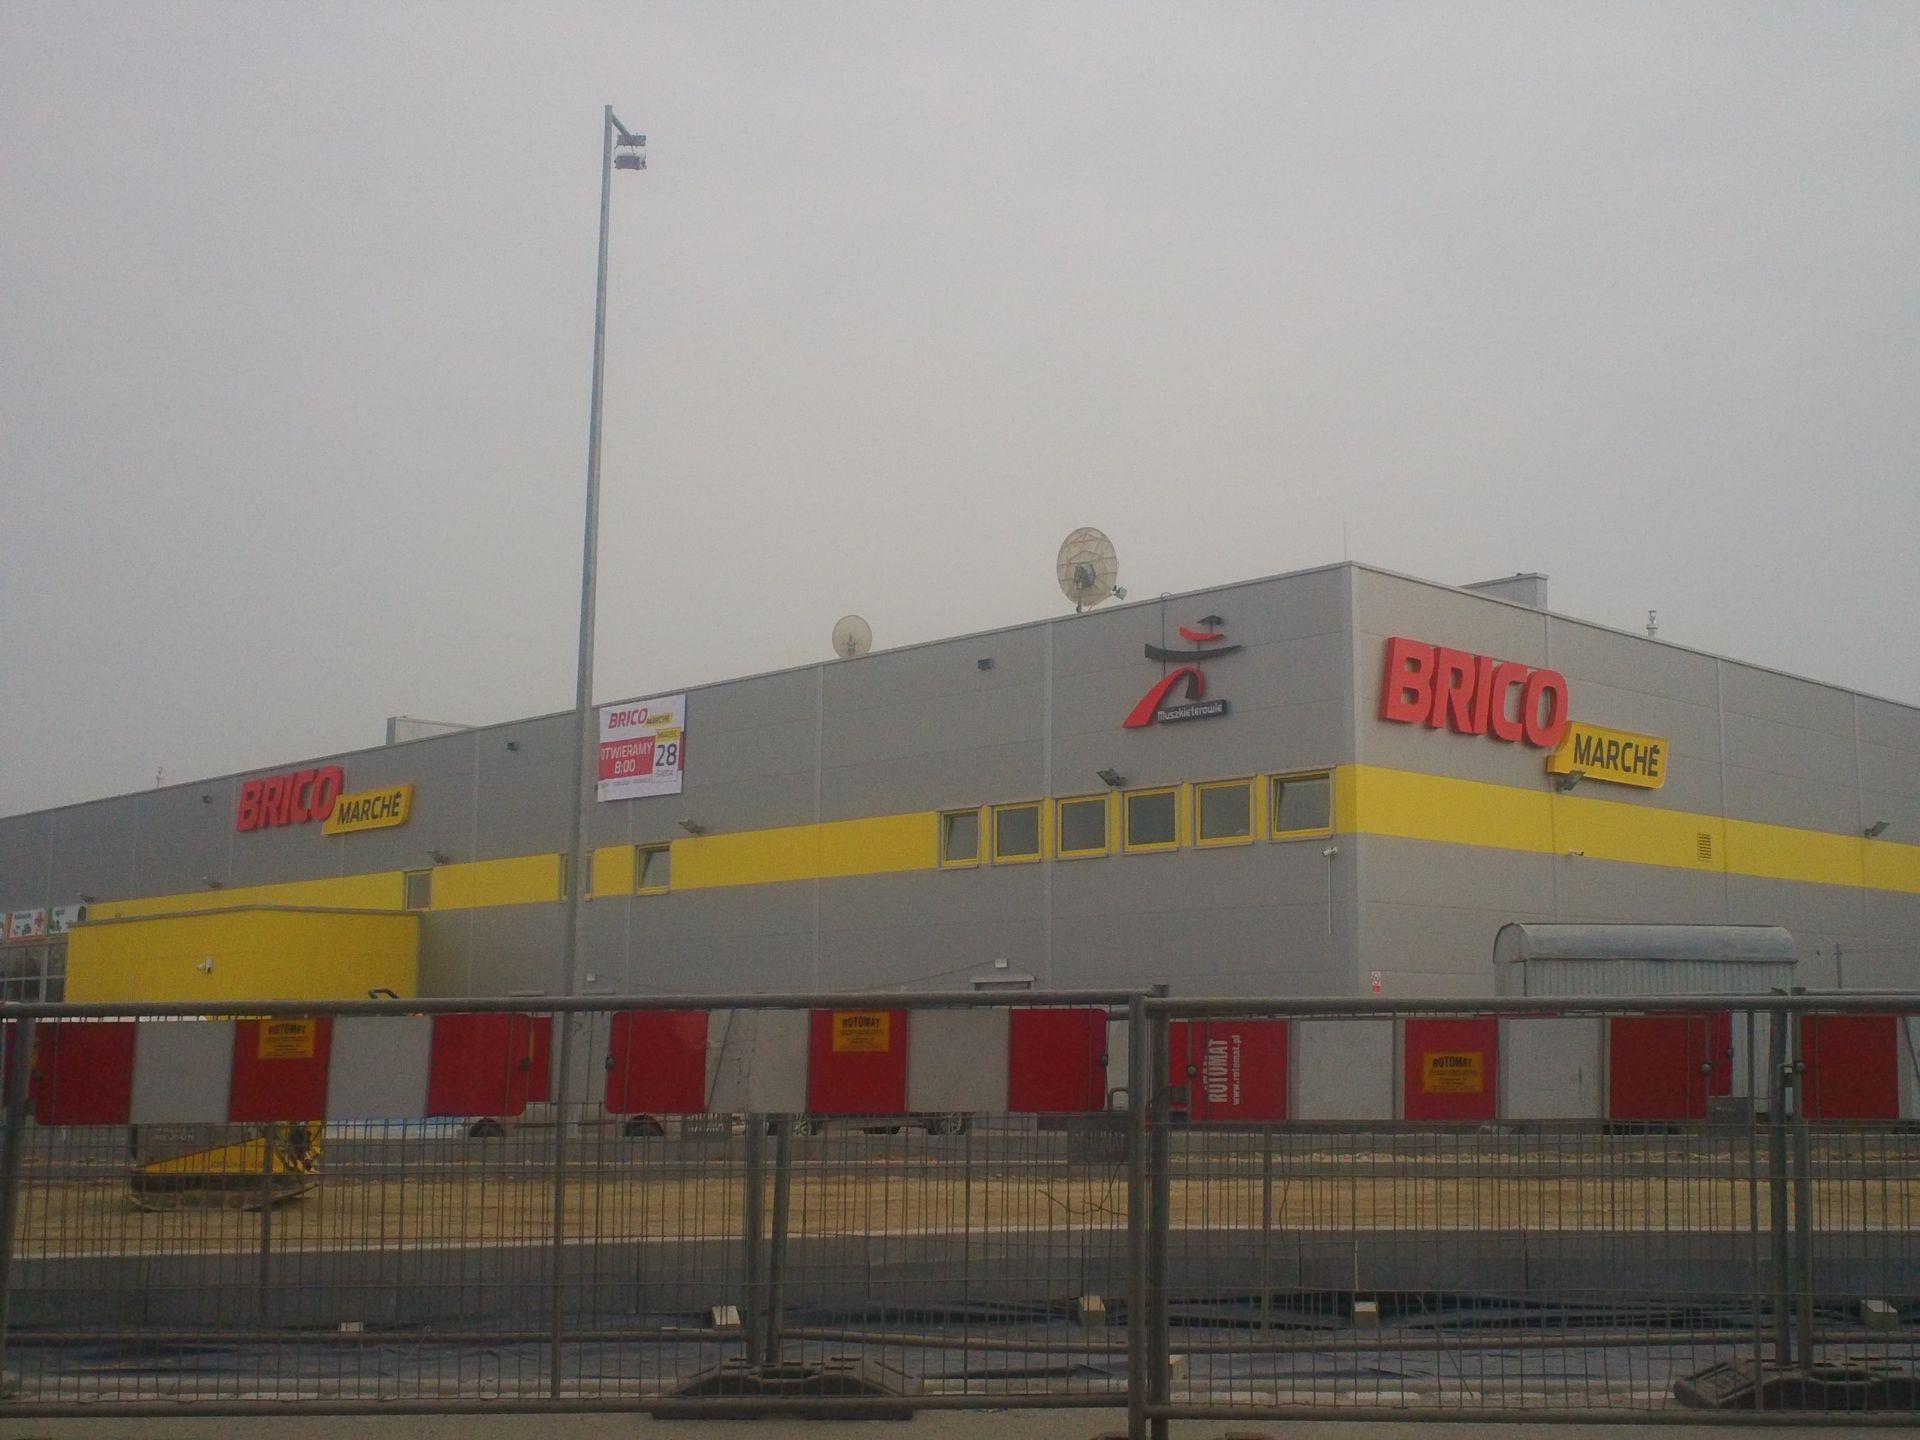 Wrocław: W środę otwarcie pierwszego marketu Bricomarché